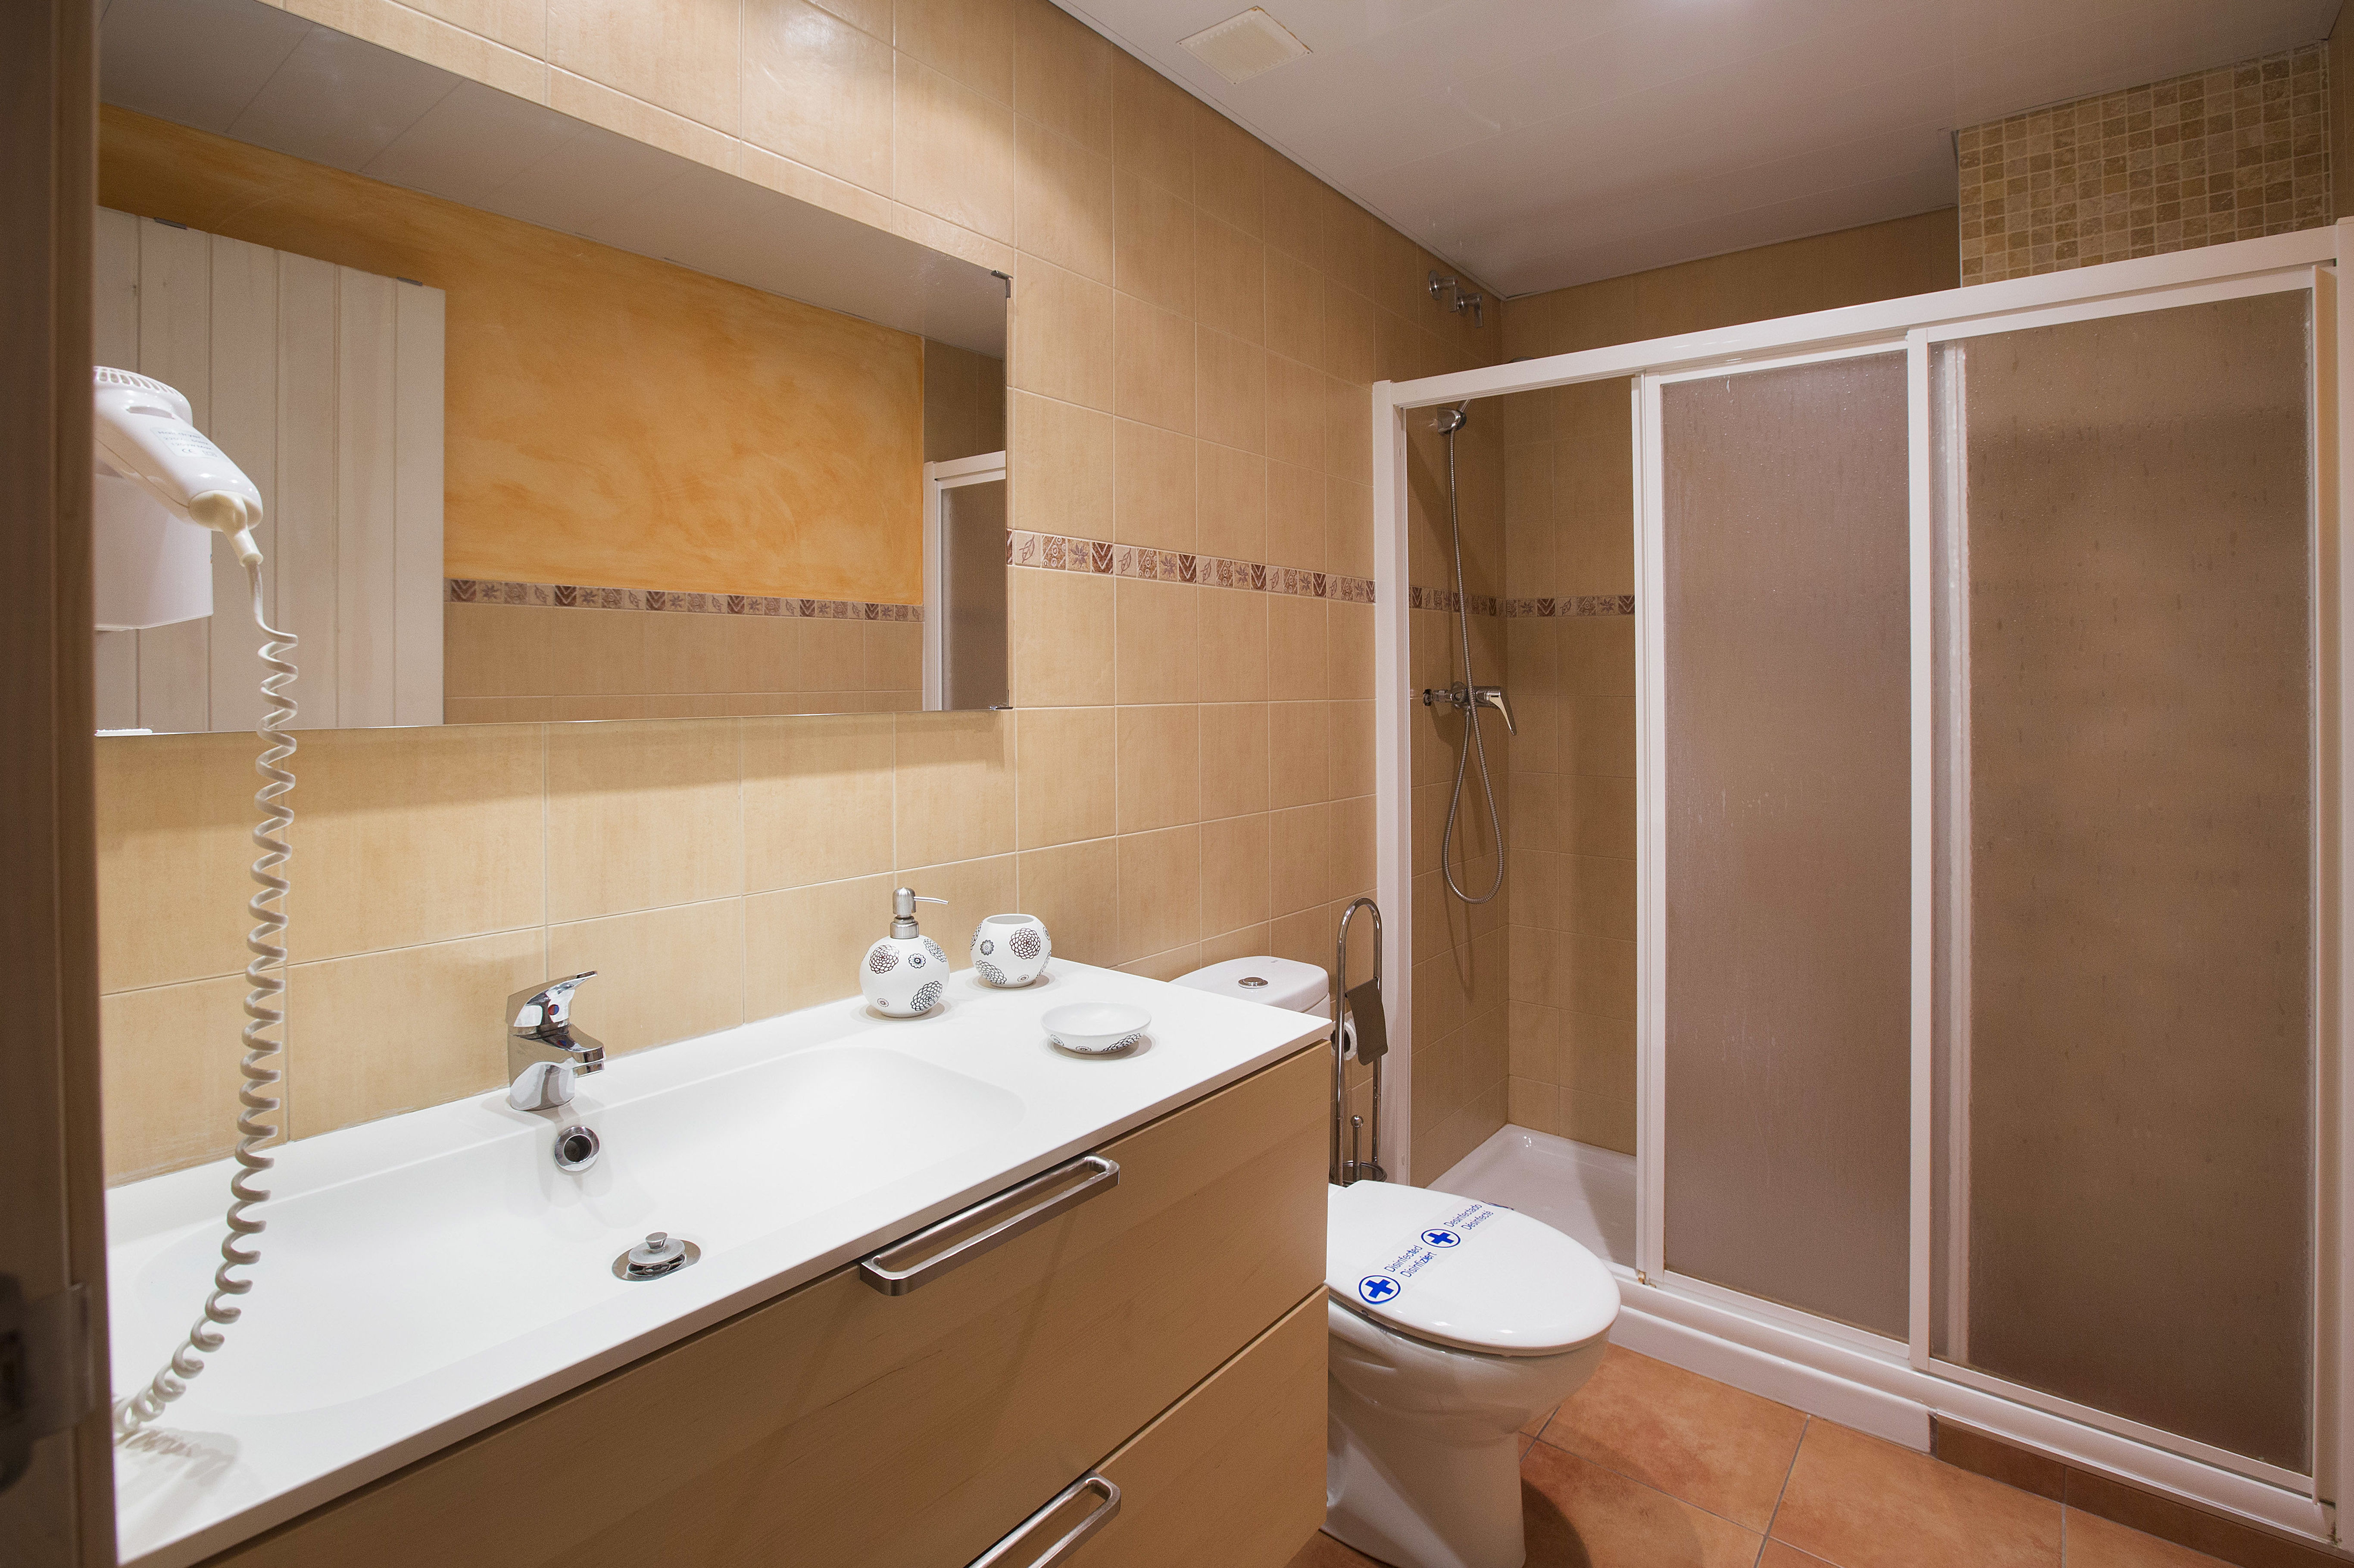 Moderno baño dotado de todas las comodidades